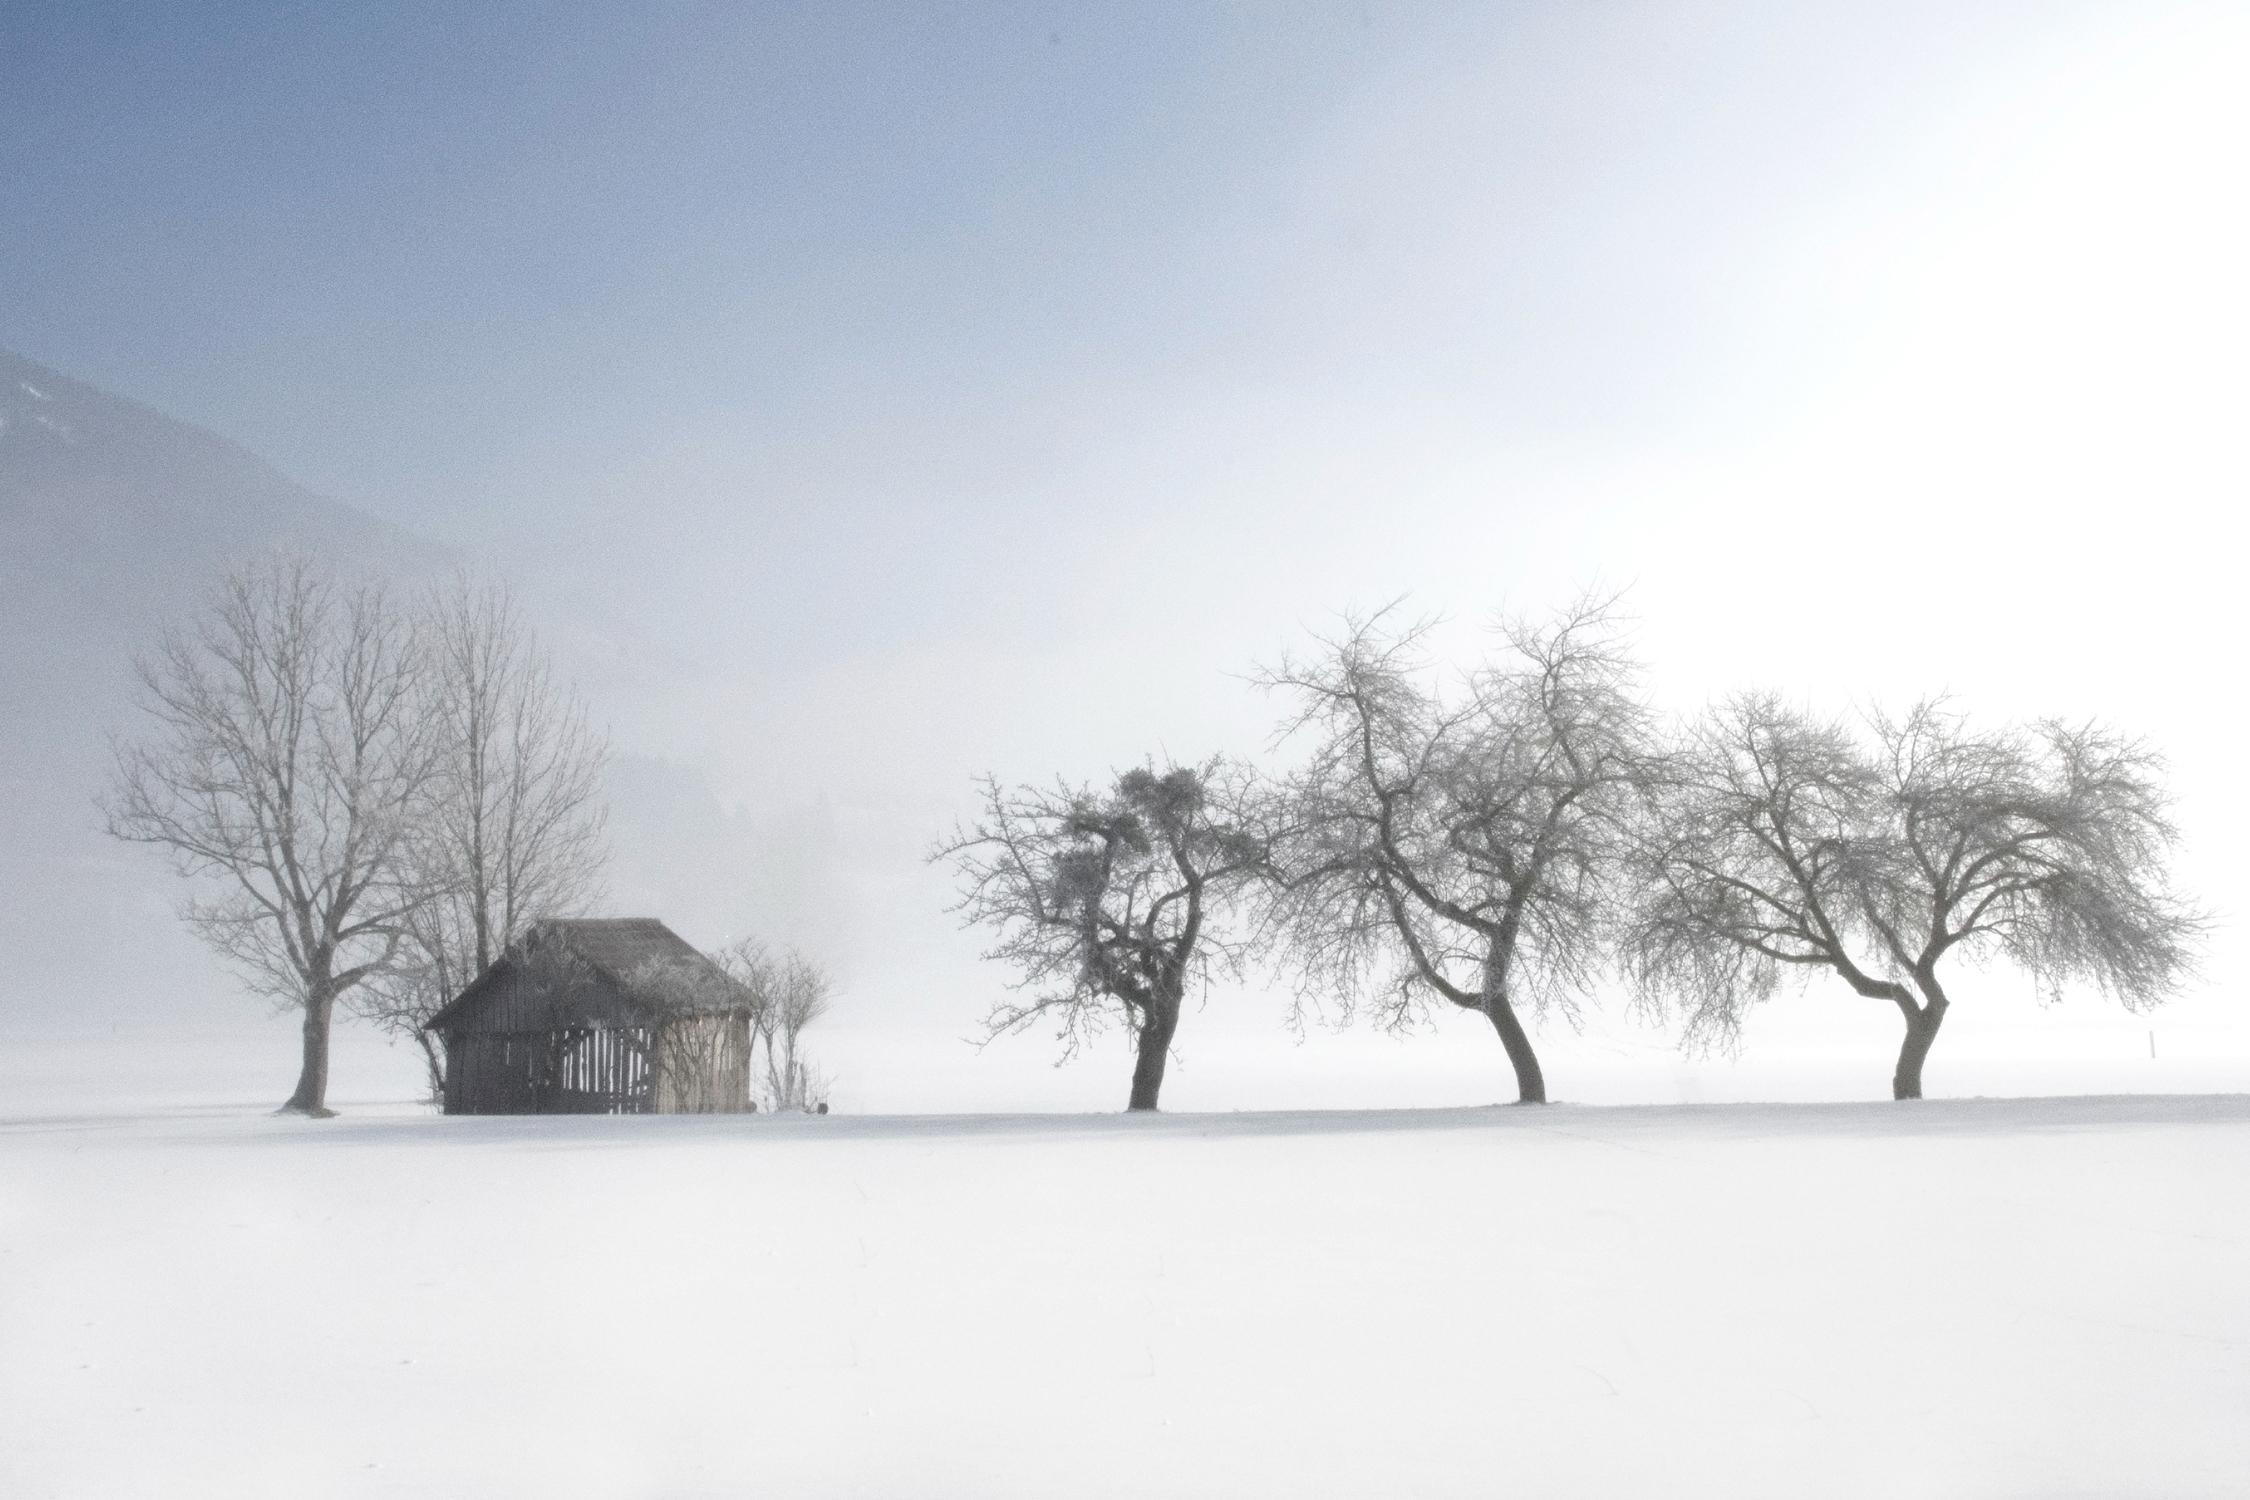 Serie las formas del invierno II